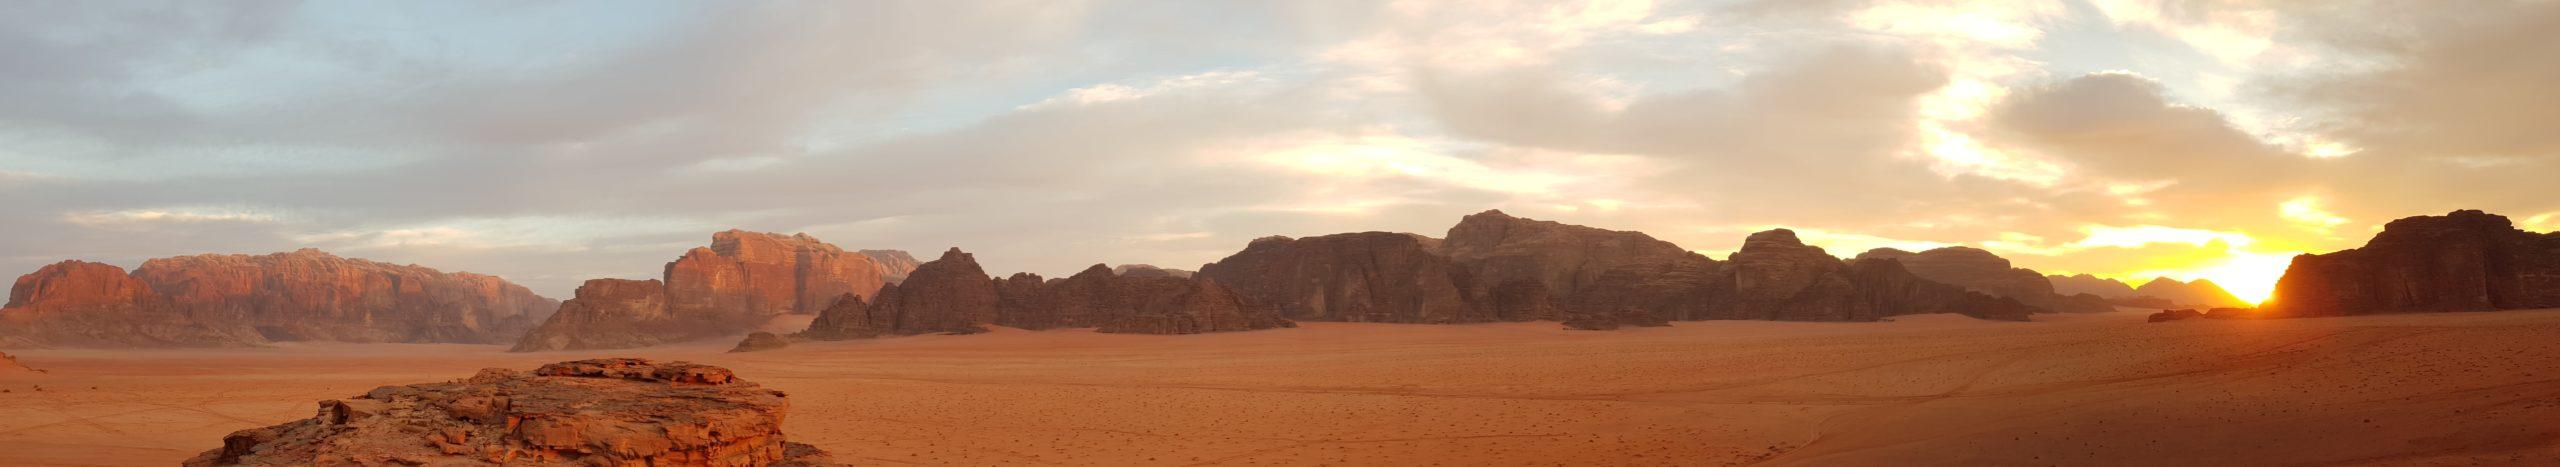 Panorama : Le coucher de soleil sur le désert Wadi Rum en Jordanie